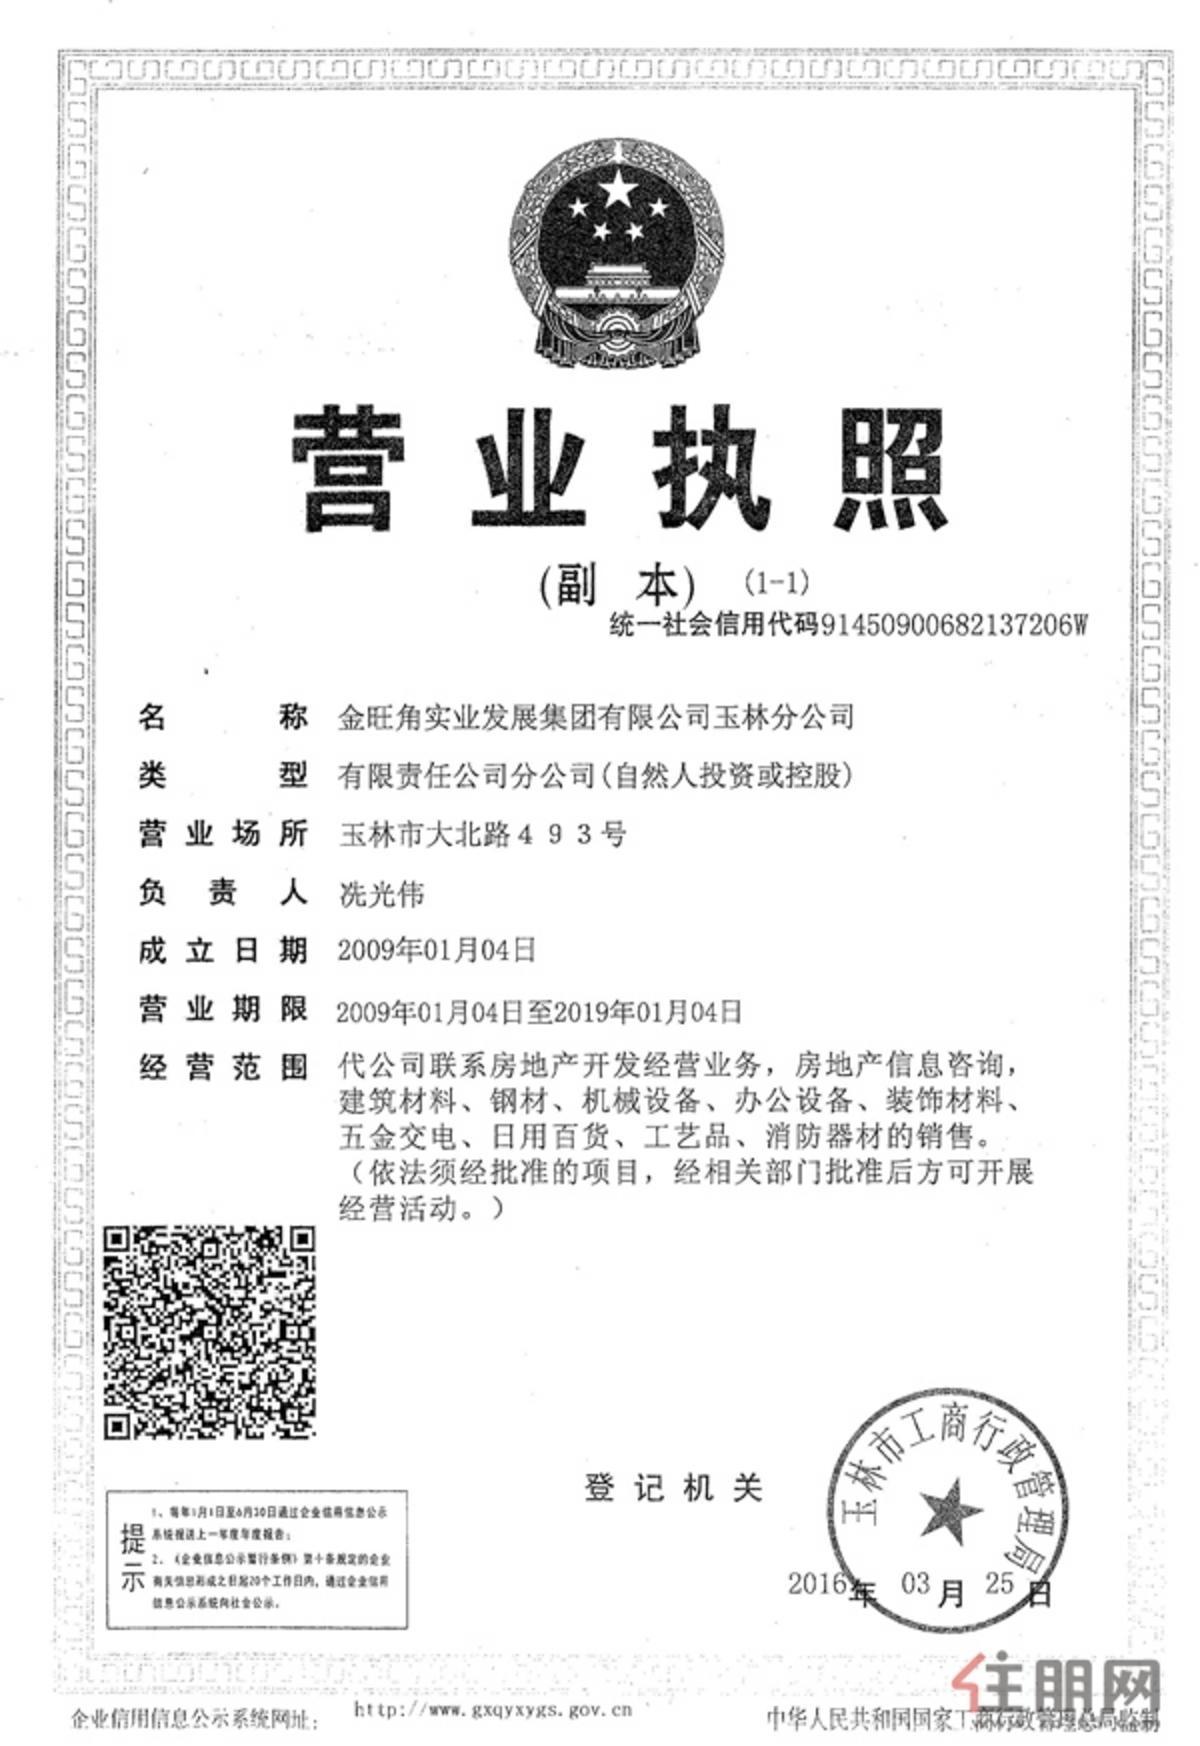 金旺角实业发展集团有限公司分公司营业执照